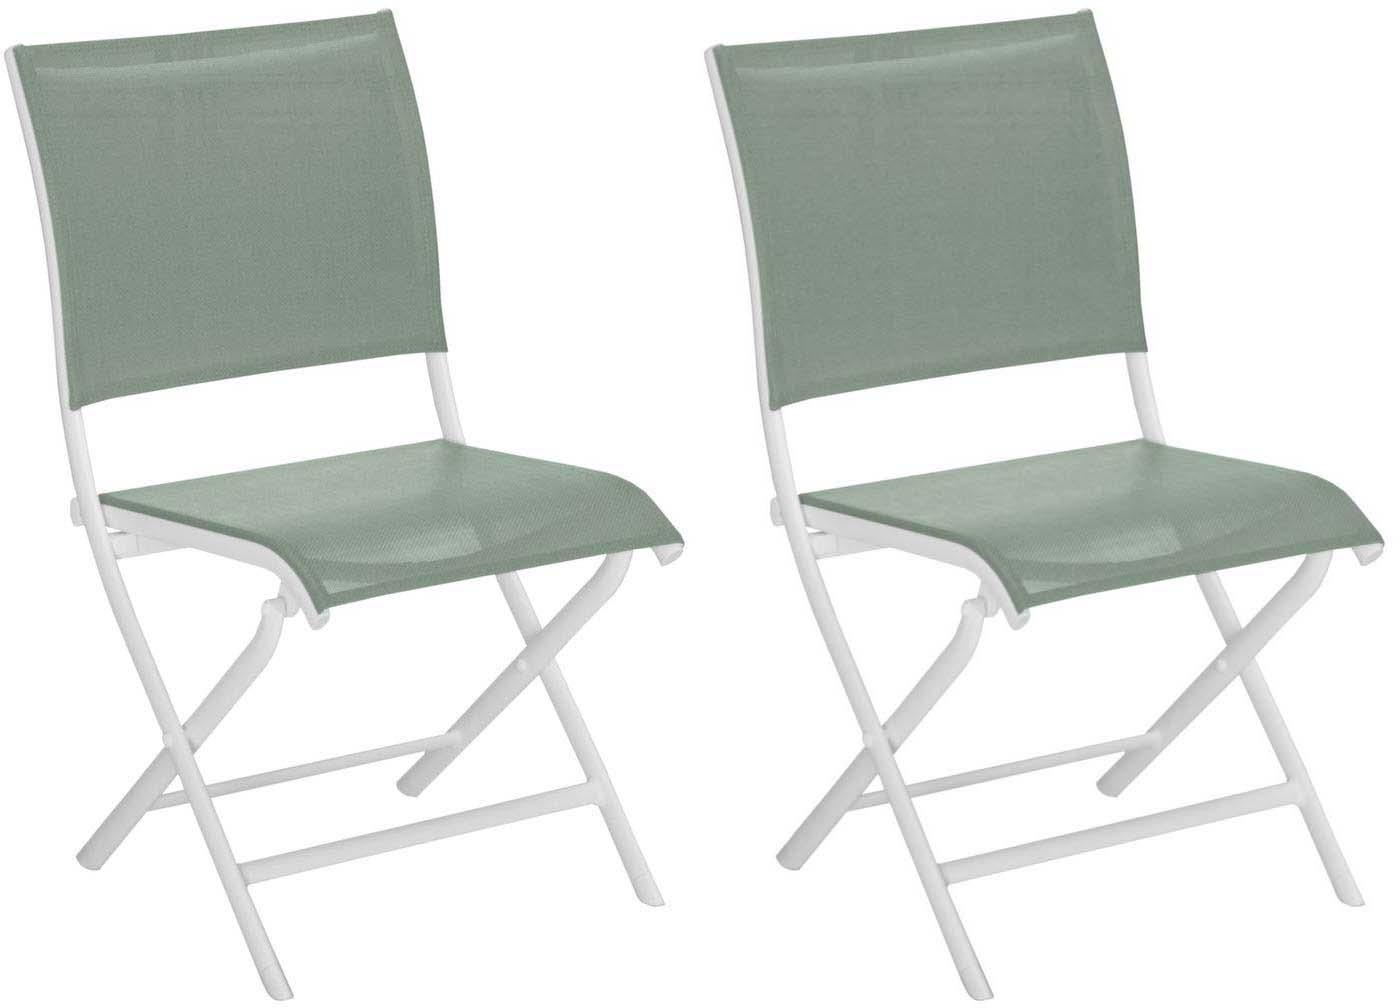 chaises pliante jardin en aluminium elegance lot de 2 blanc et amande